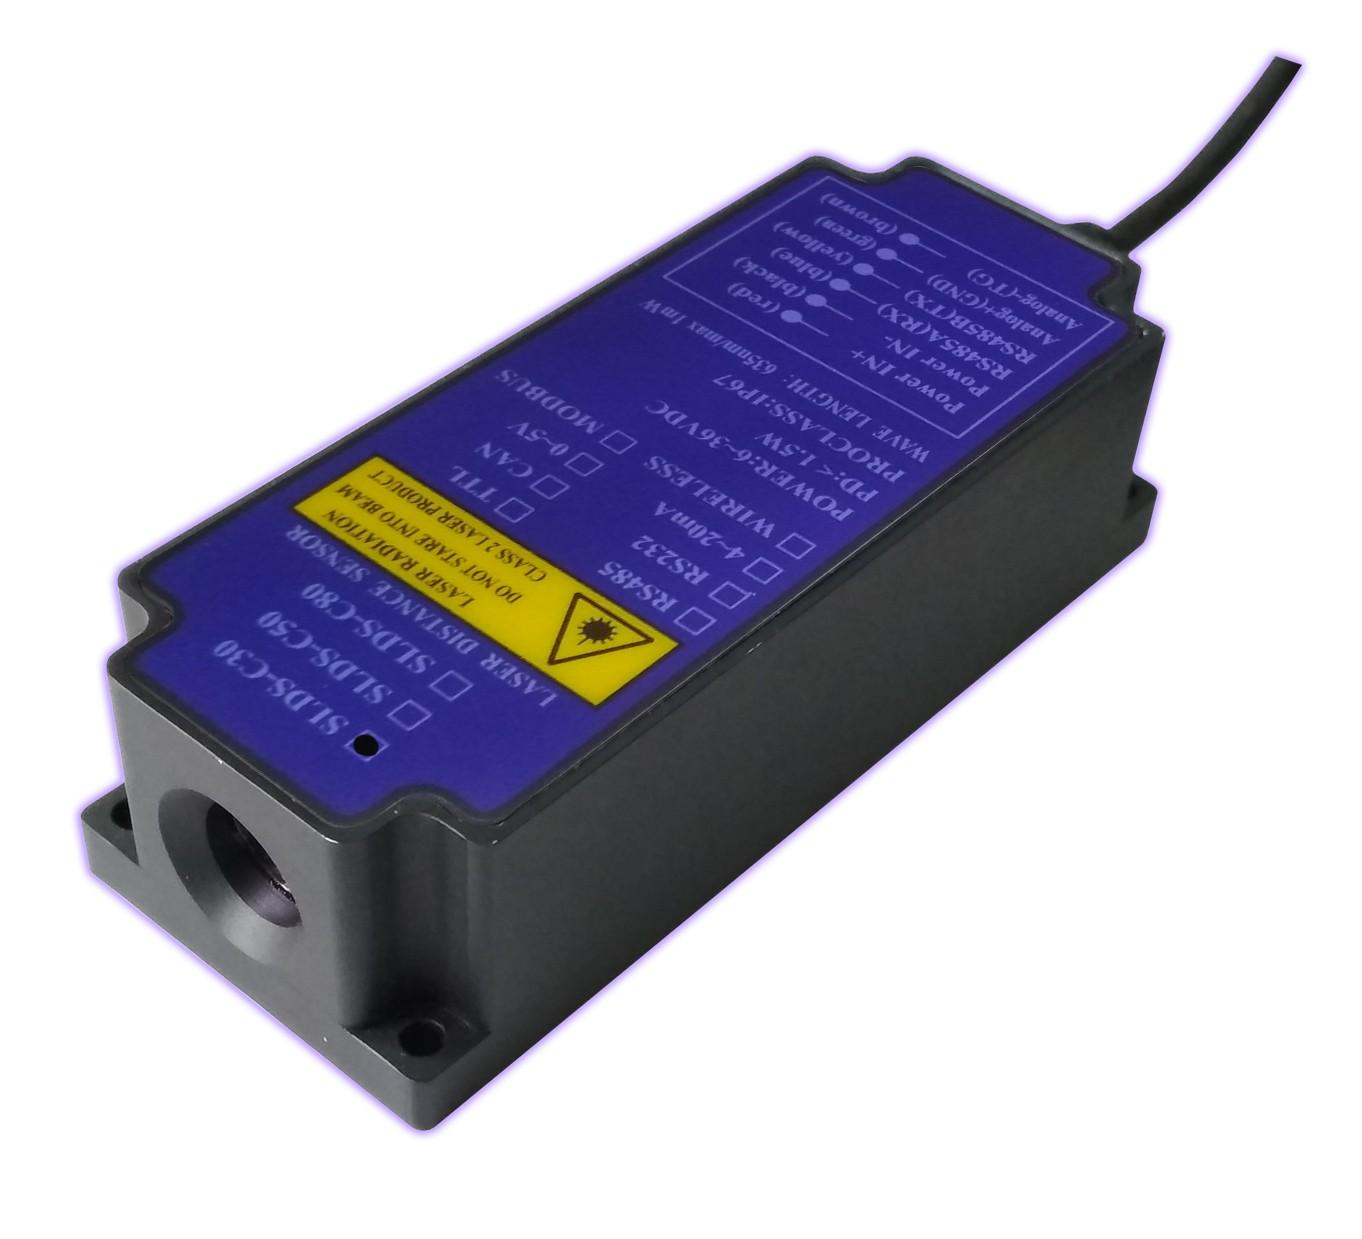 工业级激光测距传感器供应厂家 家居板材尺寸检测供应 上海协堡电子有限公司